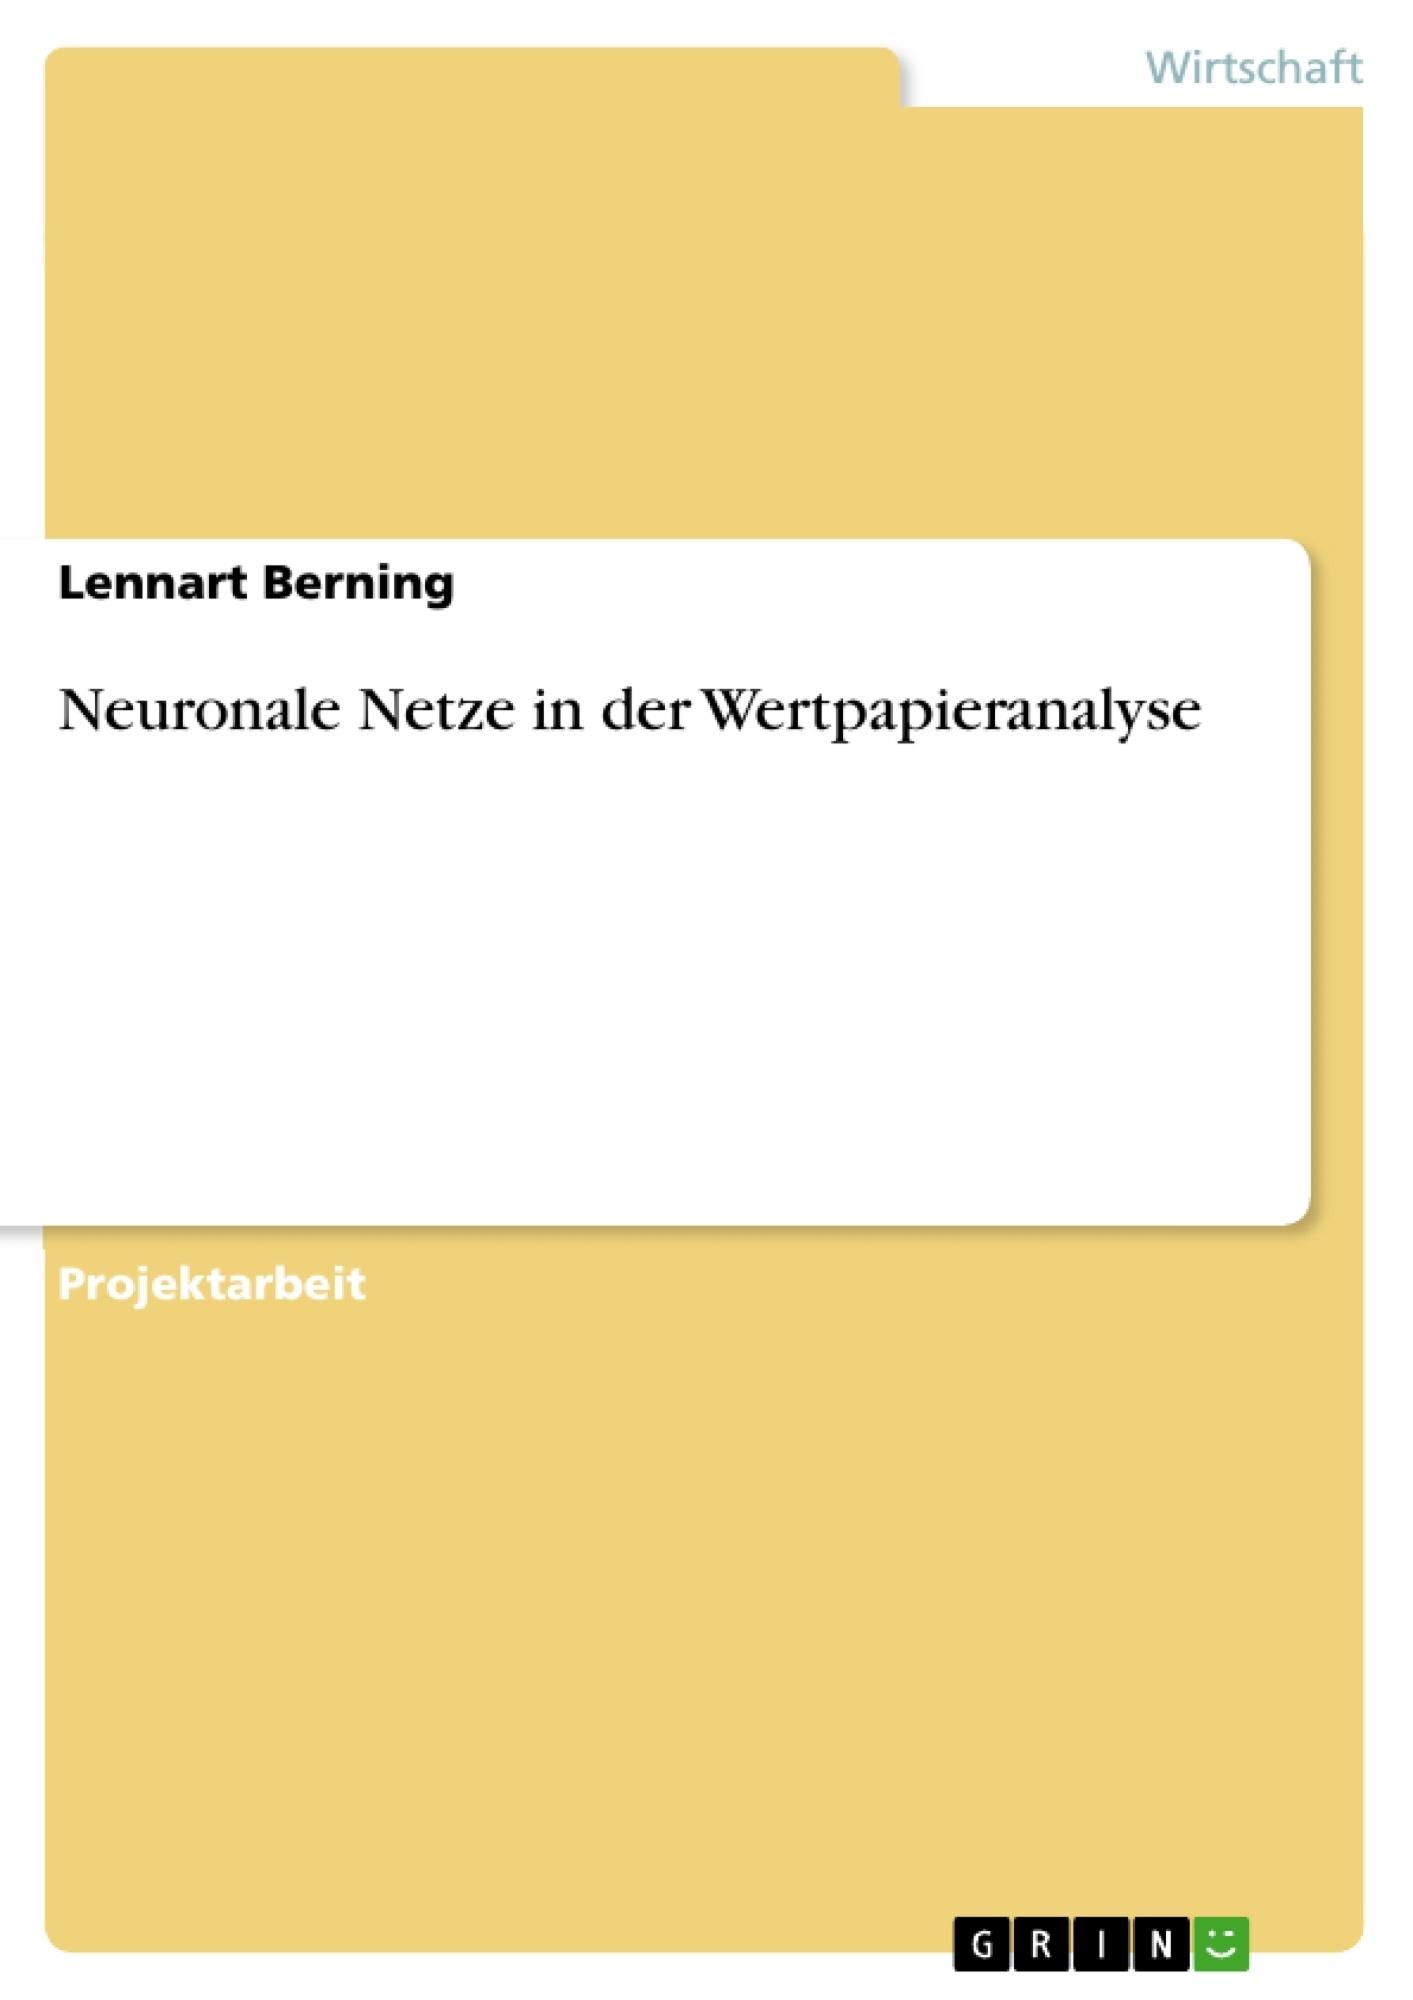 Titel: Neuronale Netze in der Wertpapieranalyse